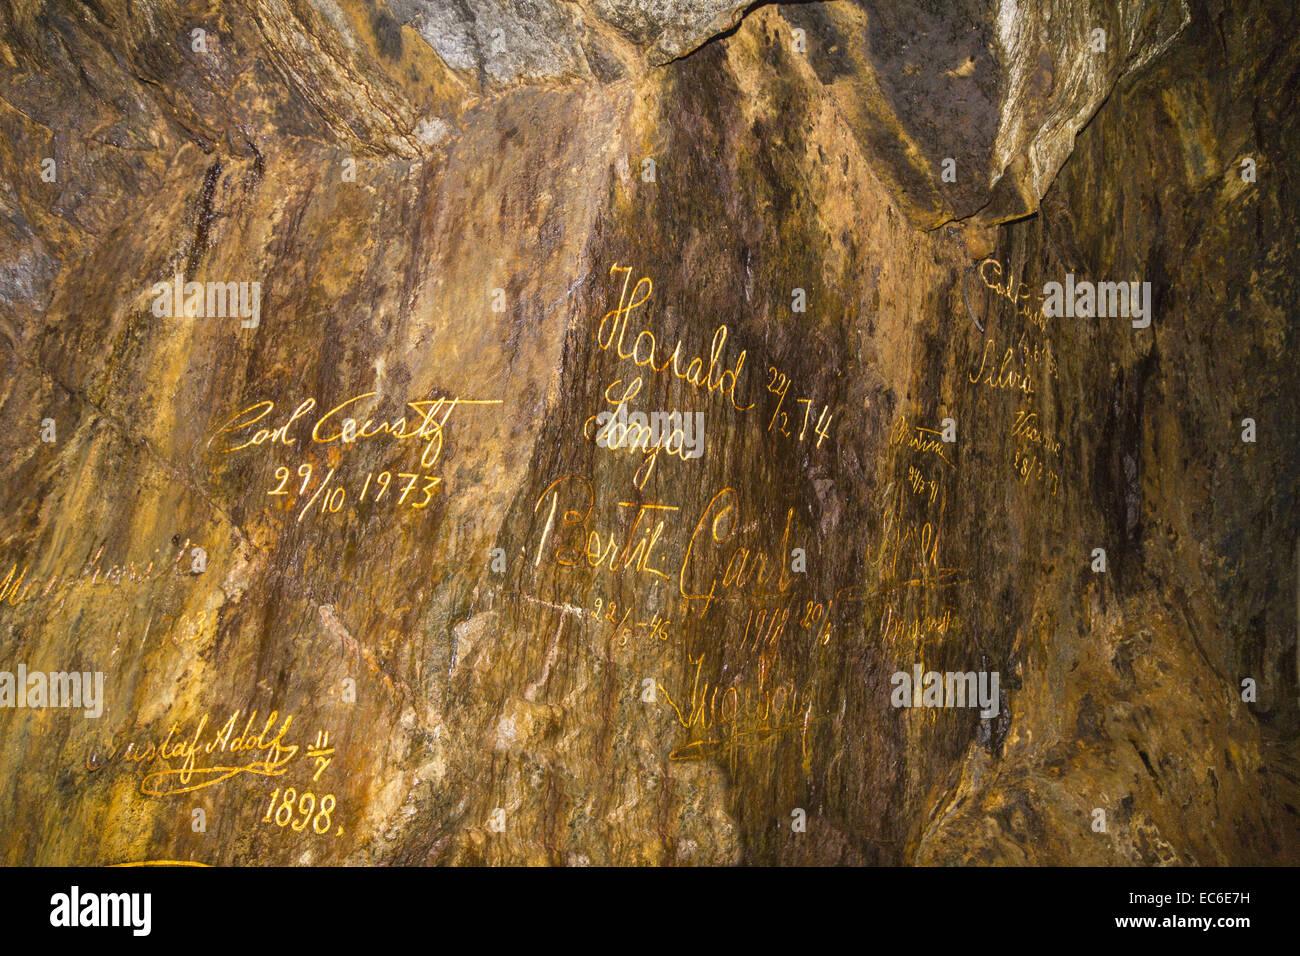 Signatures aristocratic visitors in the historic copper mine of Falun - Stock Image